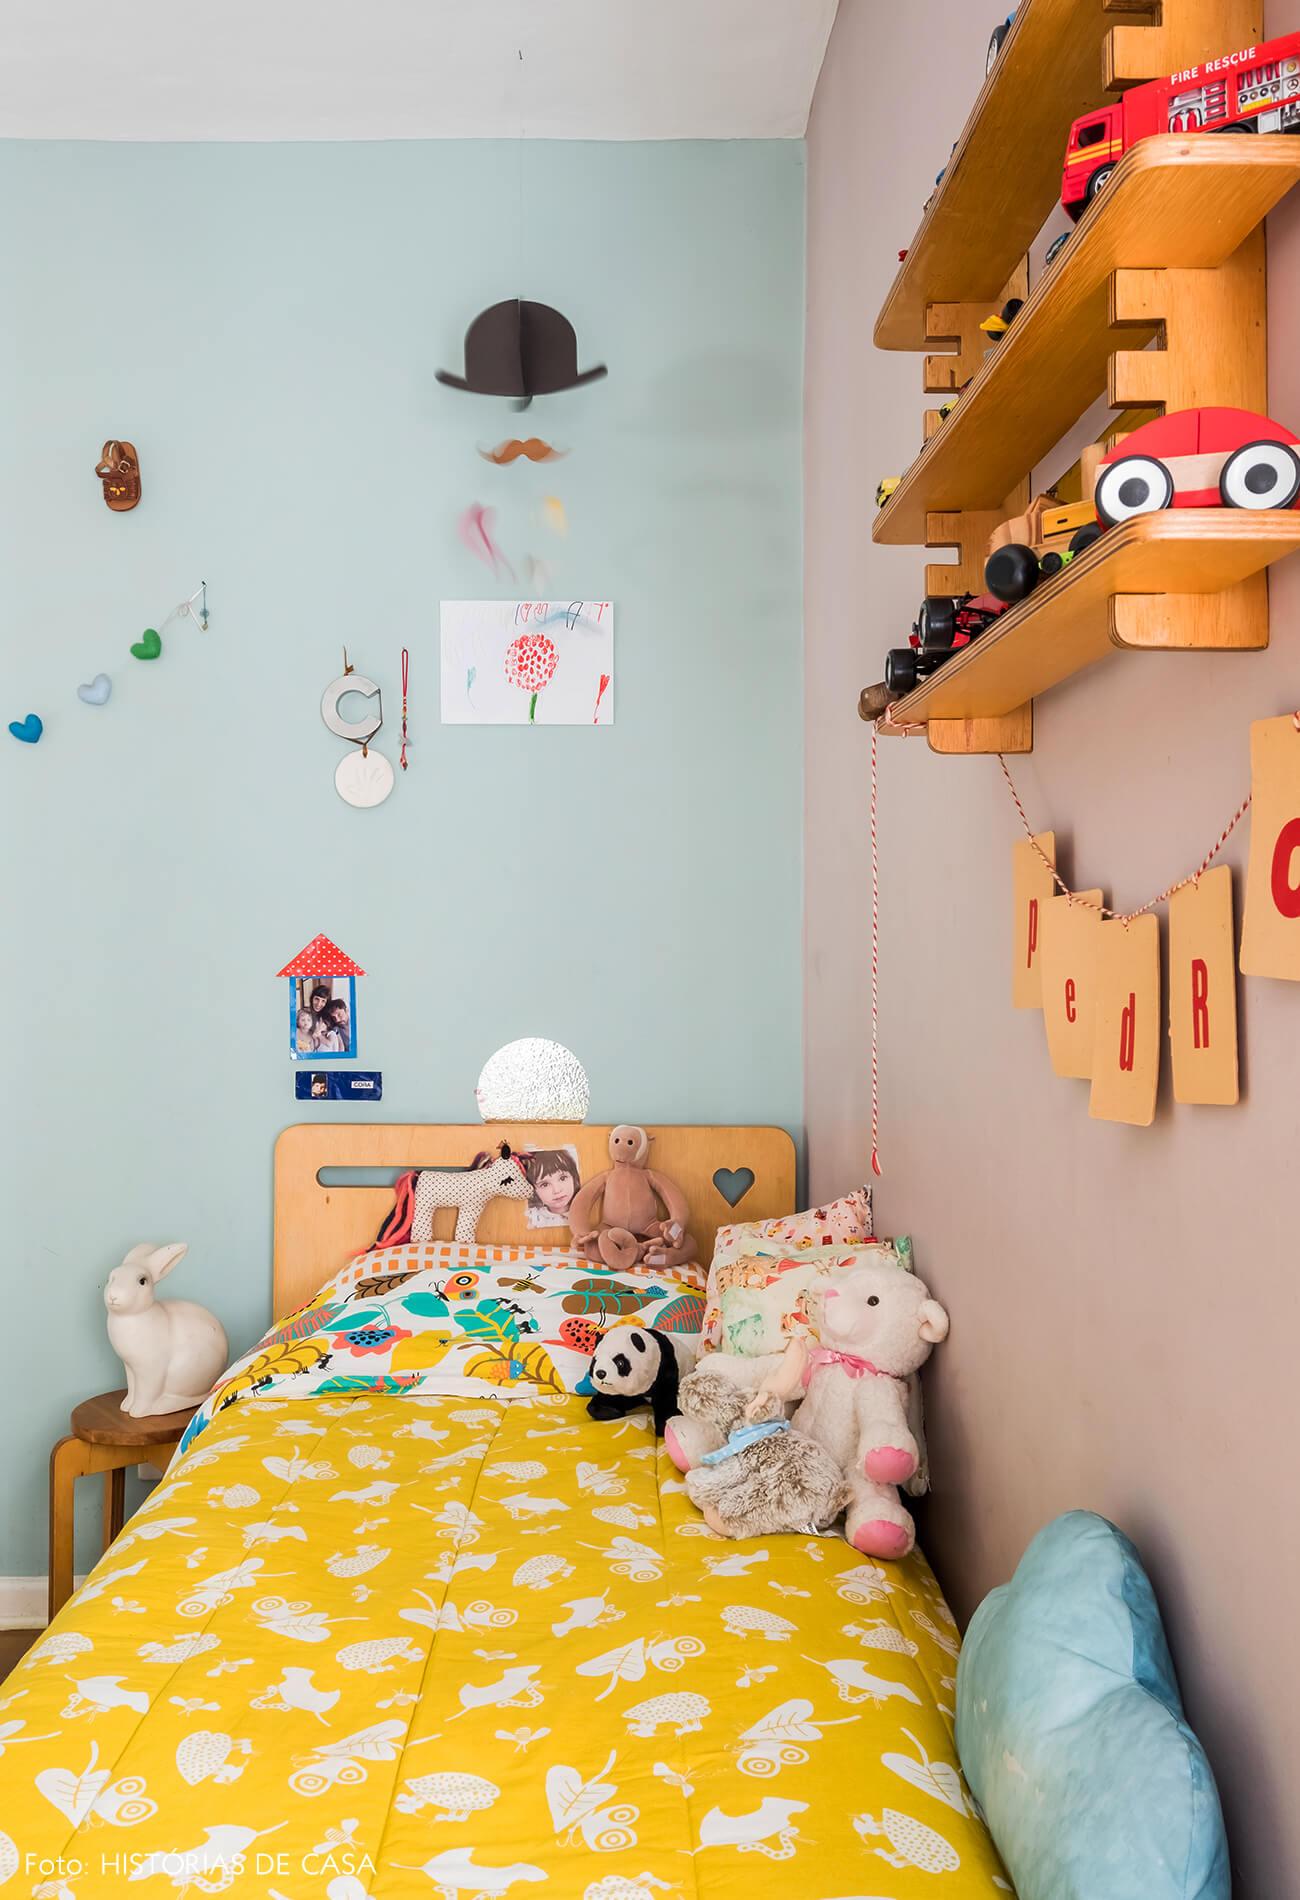 Quarto de criança com paredes coloridas e acessórios divertidos